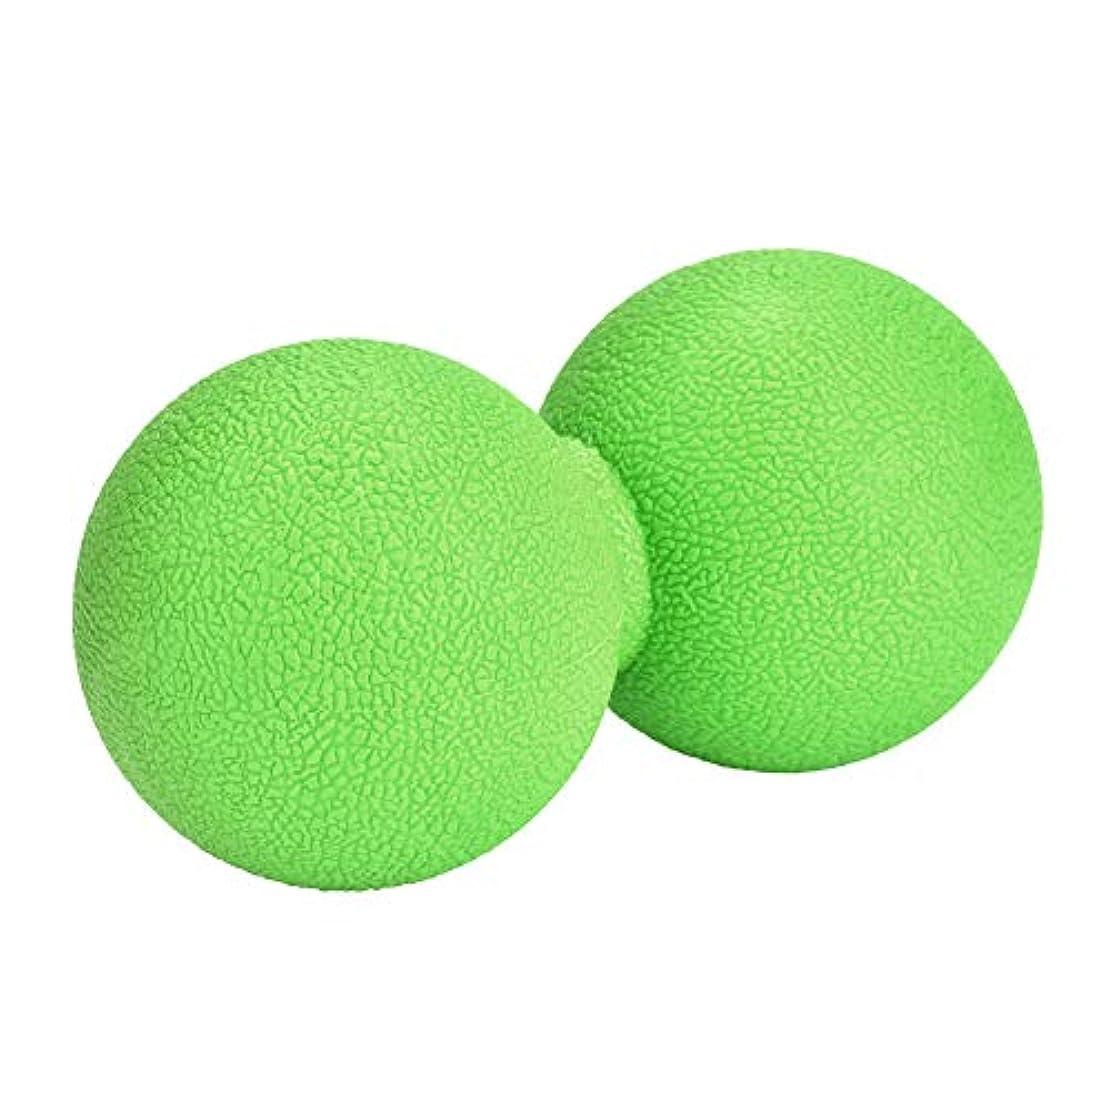 称賛ベジタリアンサークルマッサージボール ストレッチボール ピーナッツ型 ヨガボール 首 背中 肩こり 腰 ふくらはぎ 足裏 筋膜リリース トレーニング